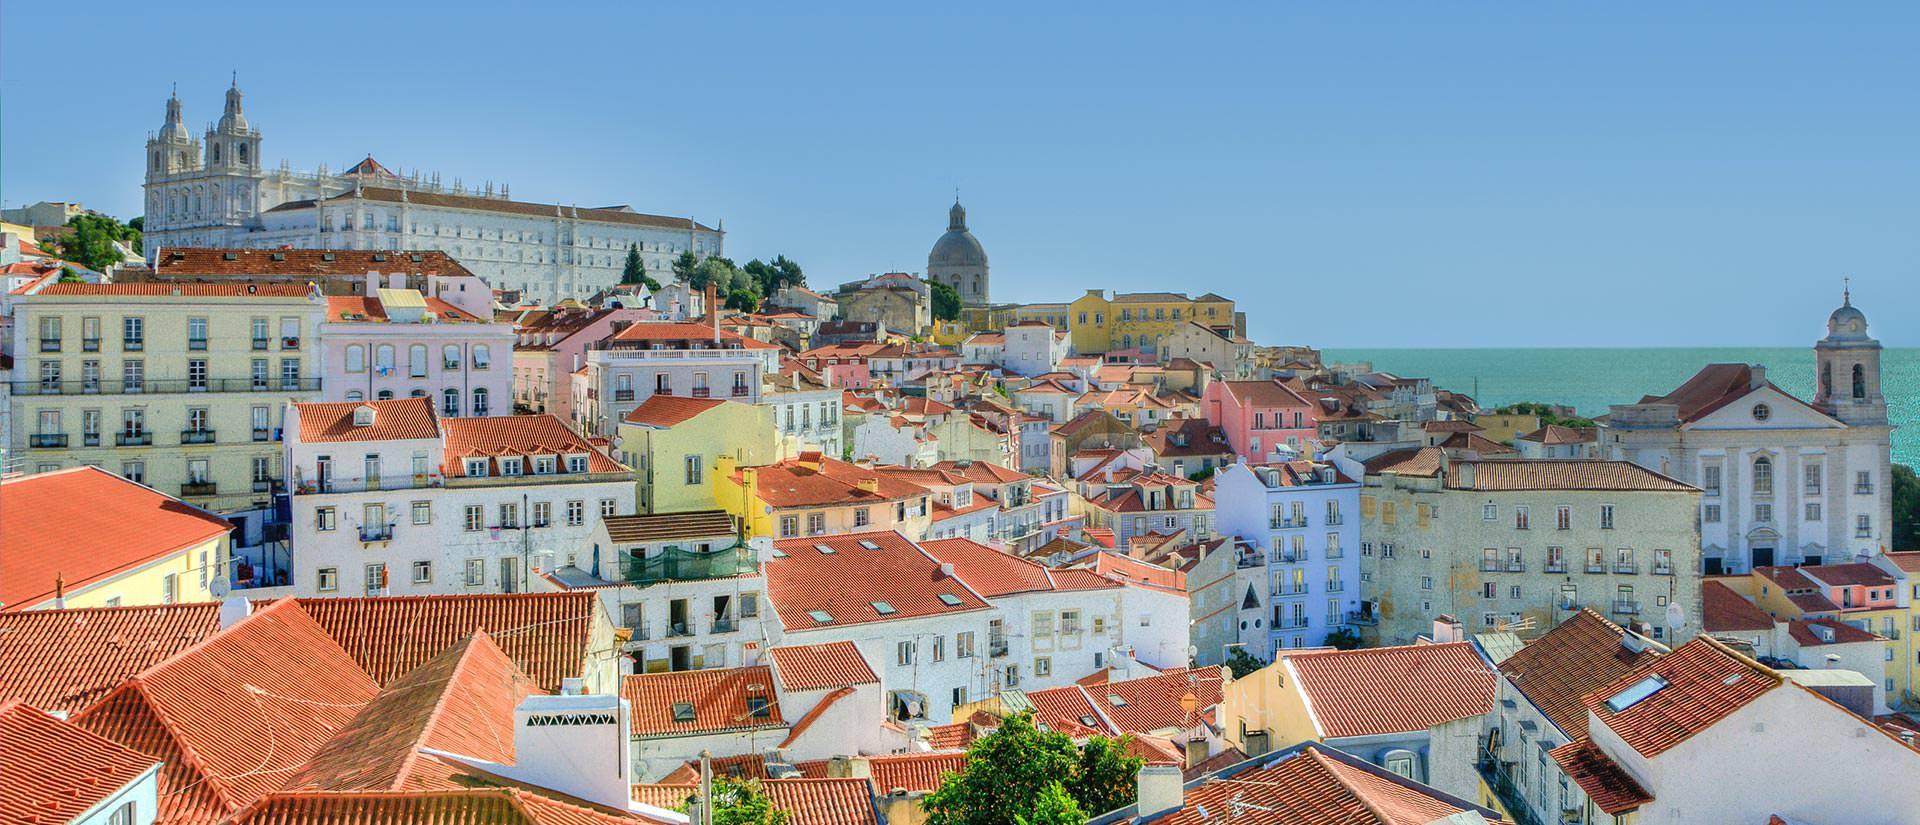 מידע שימושי למטייל בפורטוגל